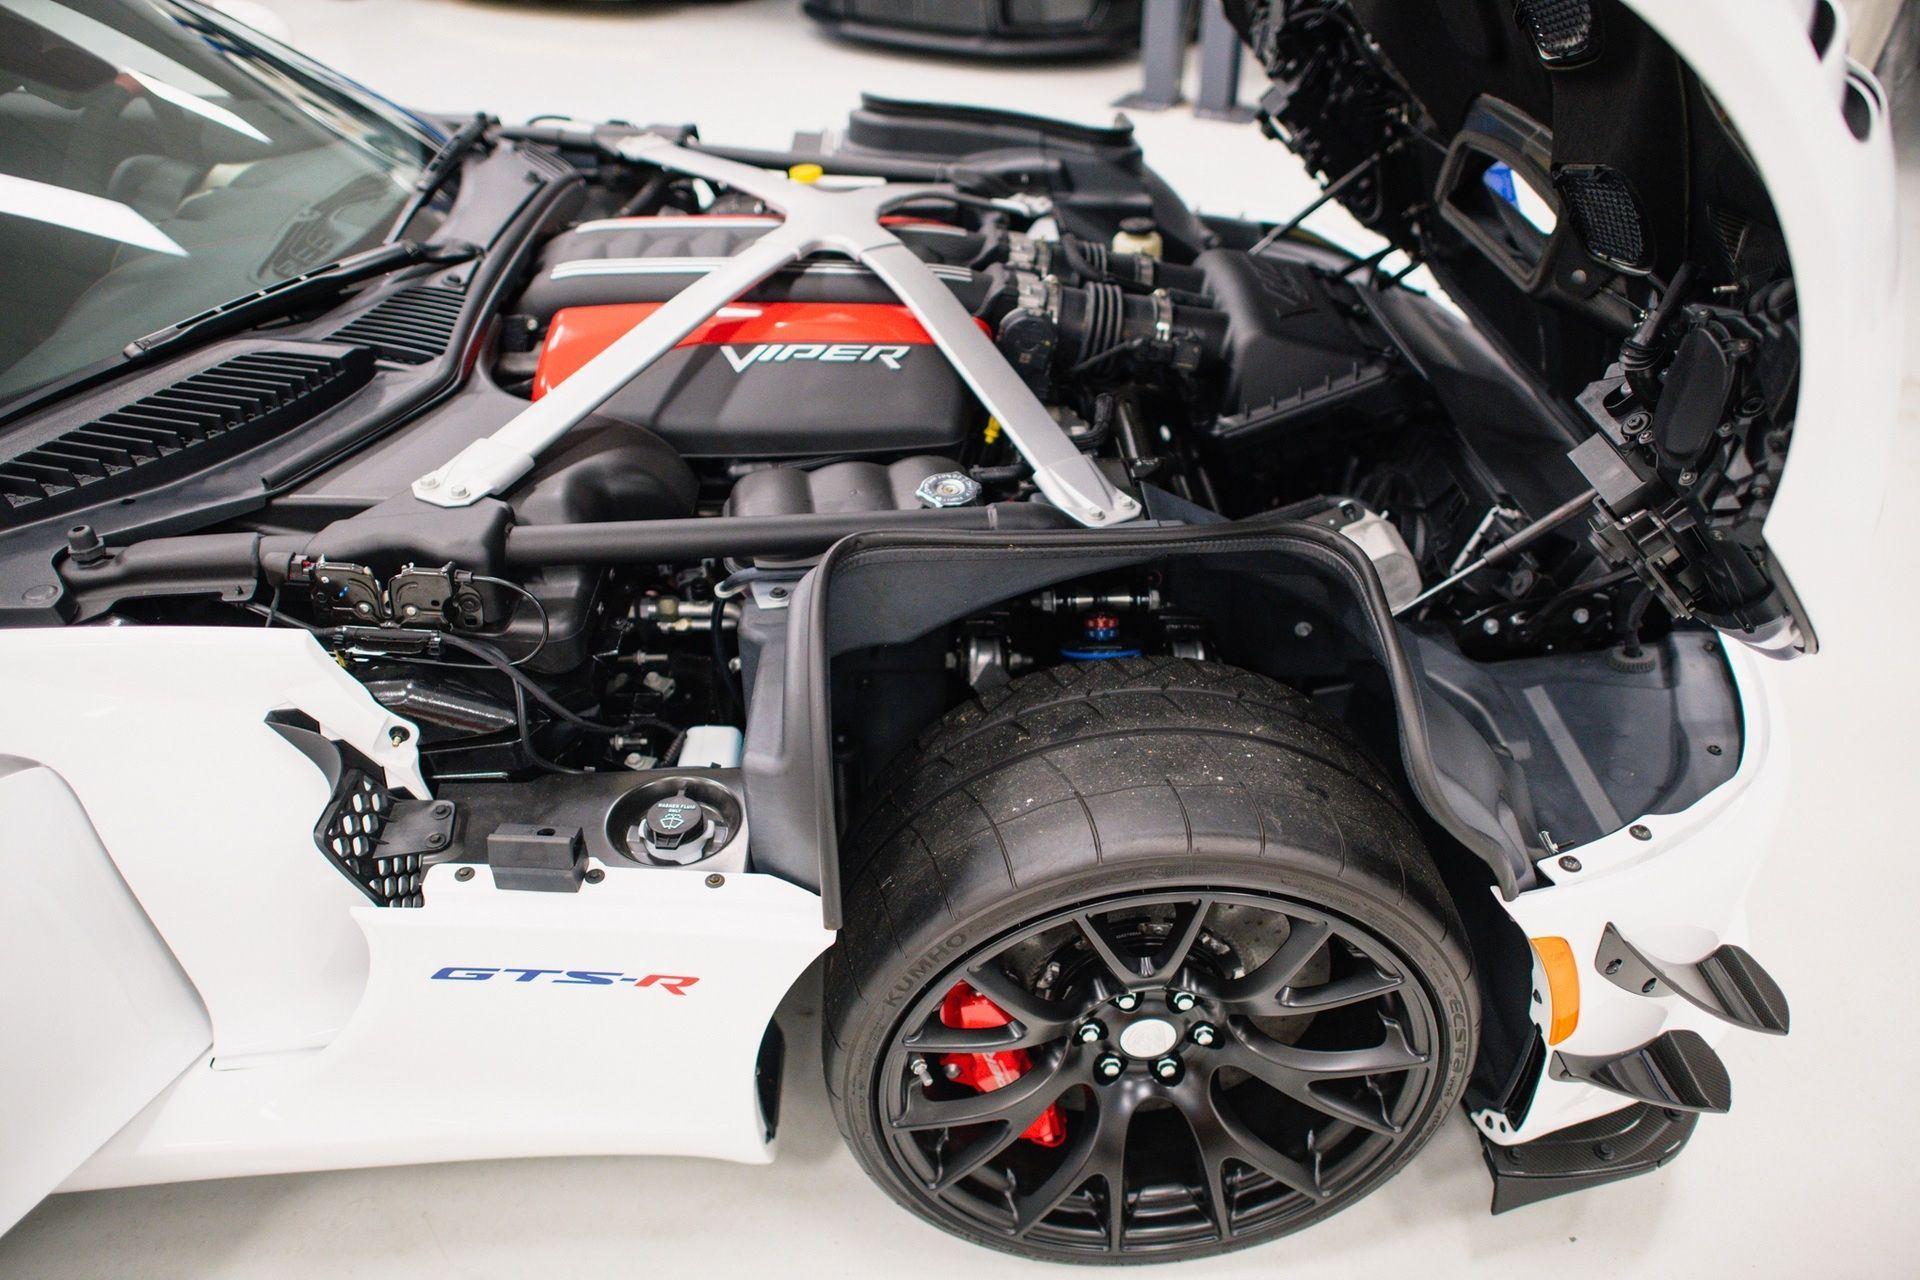 Dodge_Viper_GTS-R_Final_Edition_ACR_sale-0023